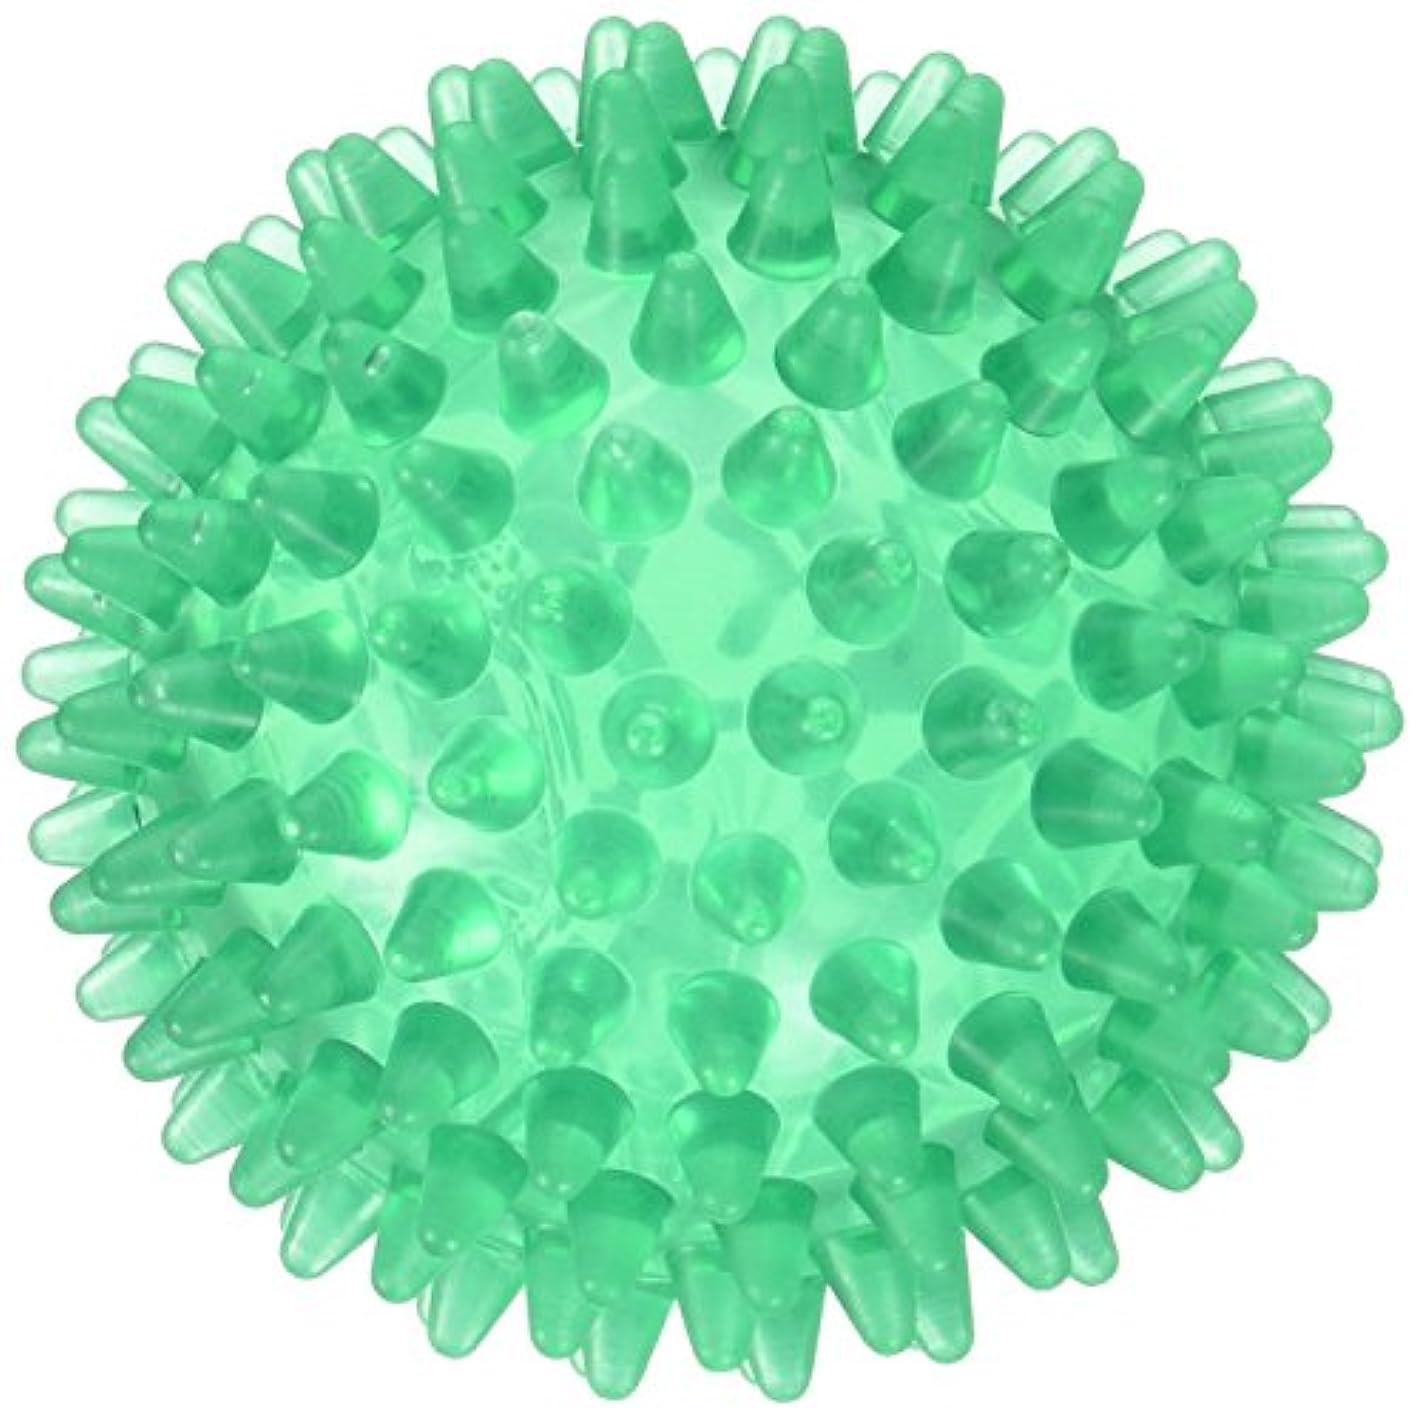 ますますレンズ規制するダンノ(DANNO) リハビリ マッサージ用 触覚ボール リフレクションボール